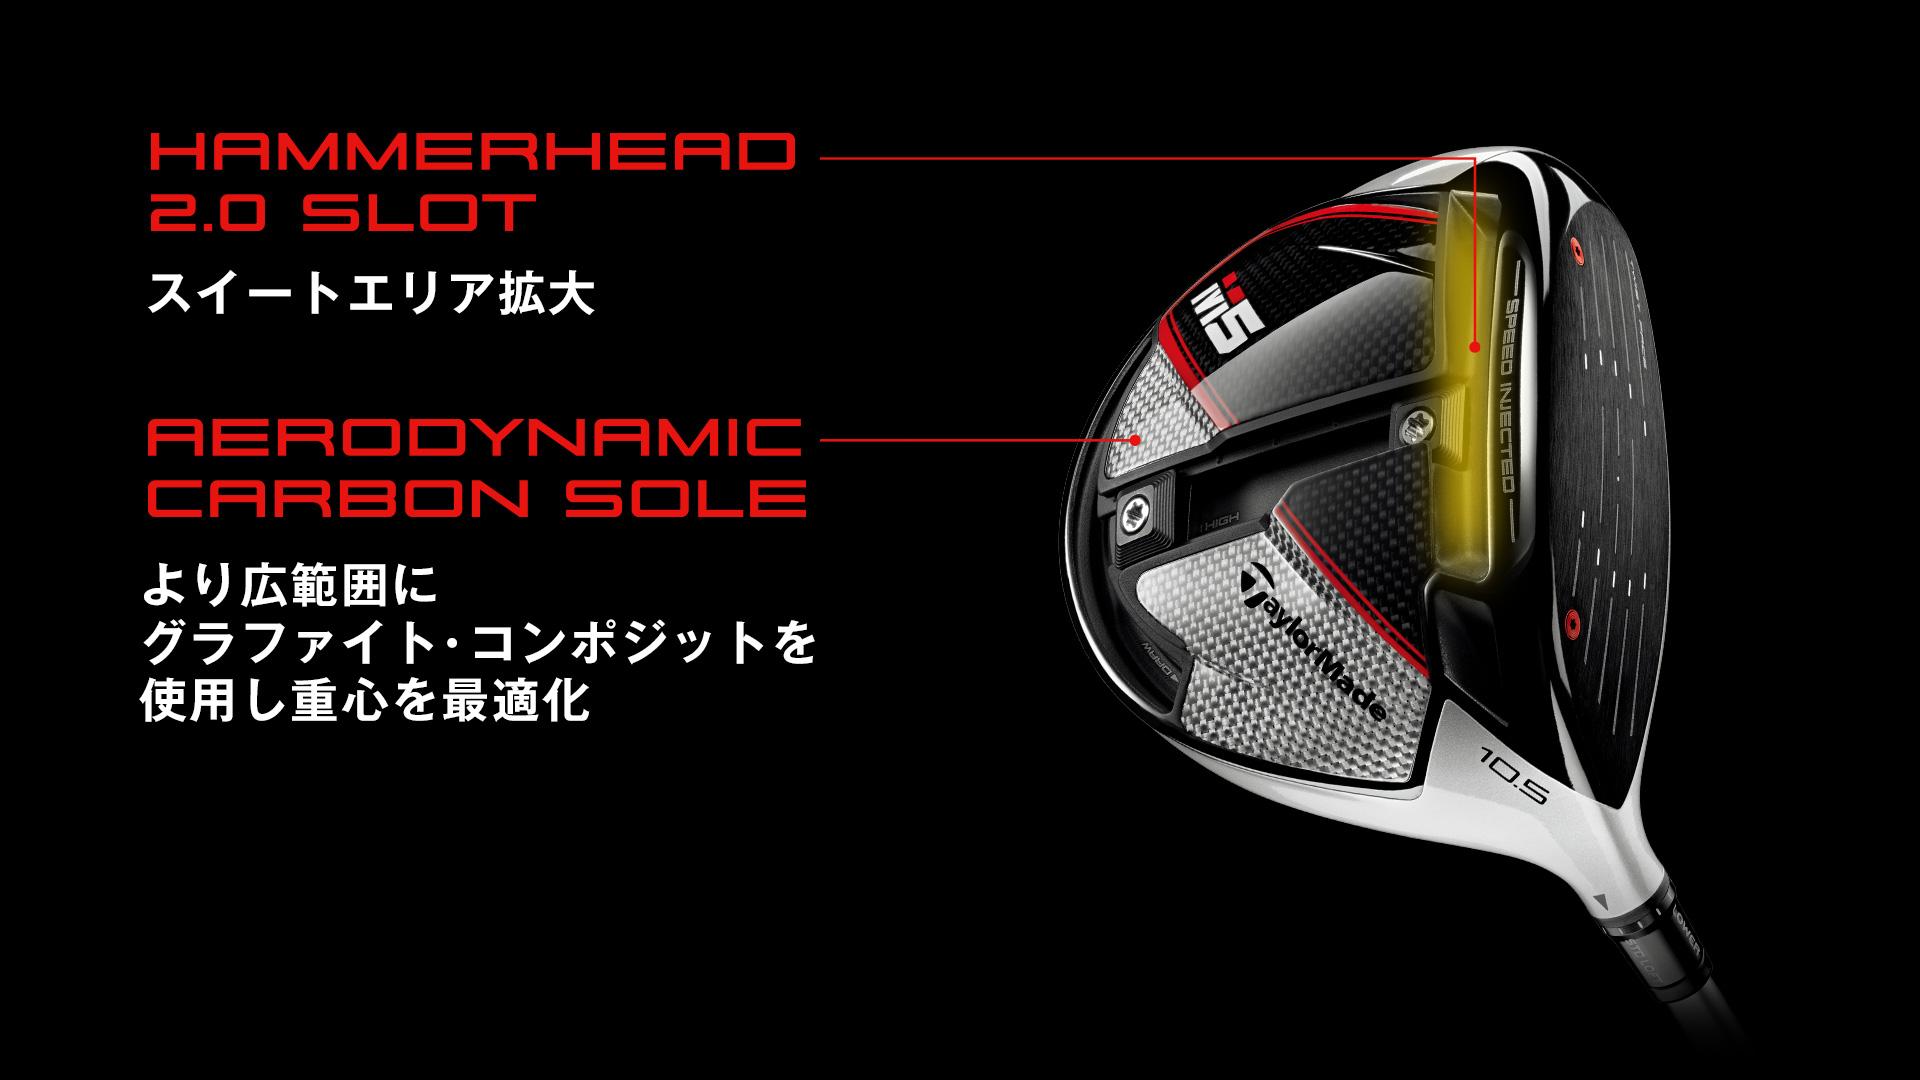 「ハンマーヘッド2.0 スロット」「エアロダイナミックカーボンソール」